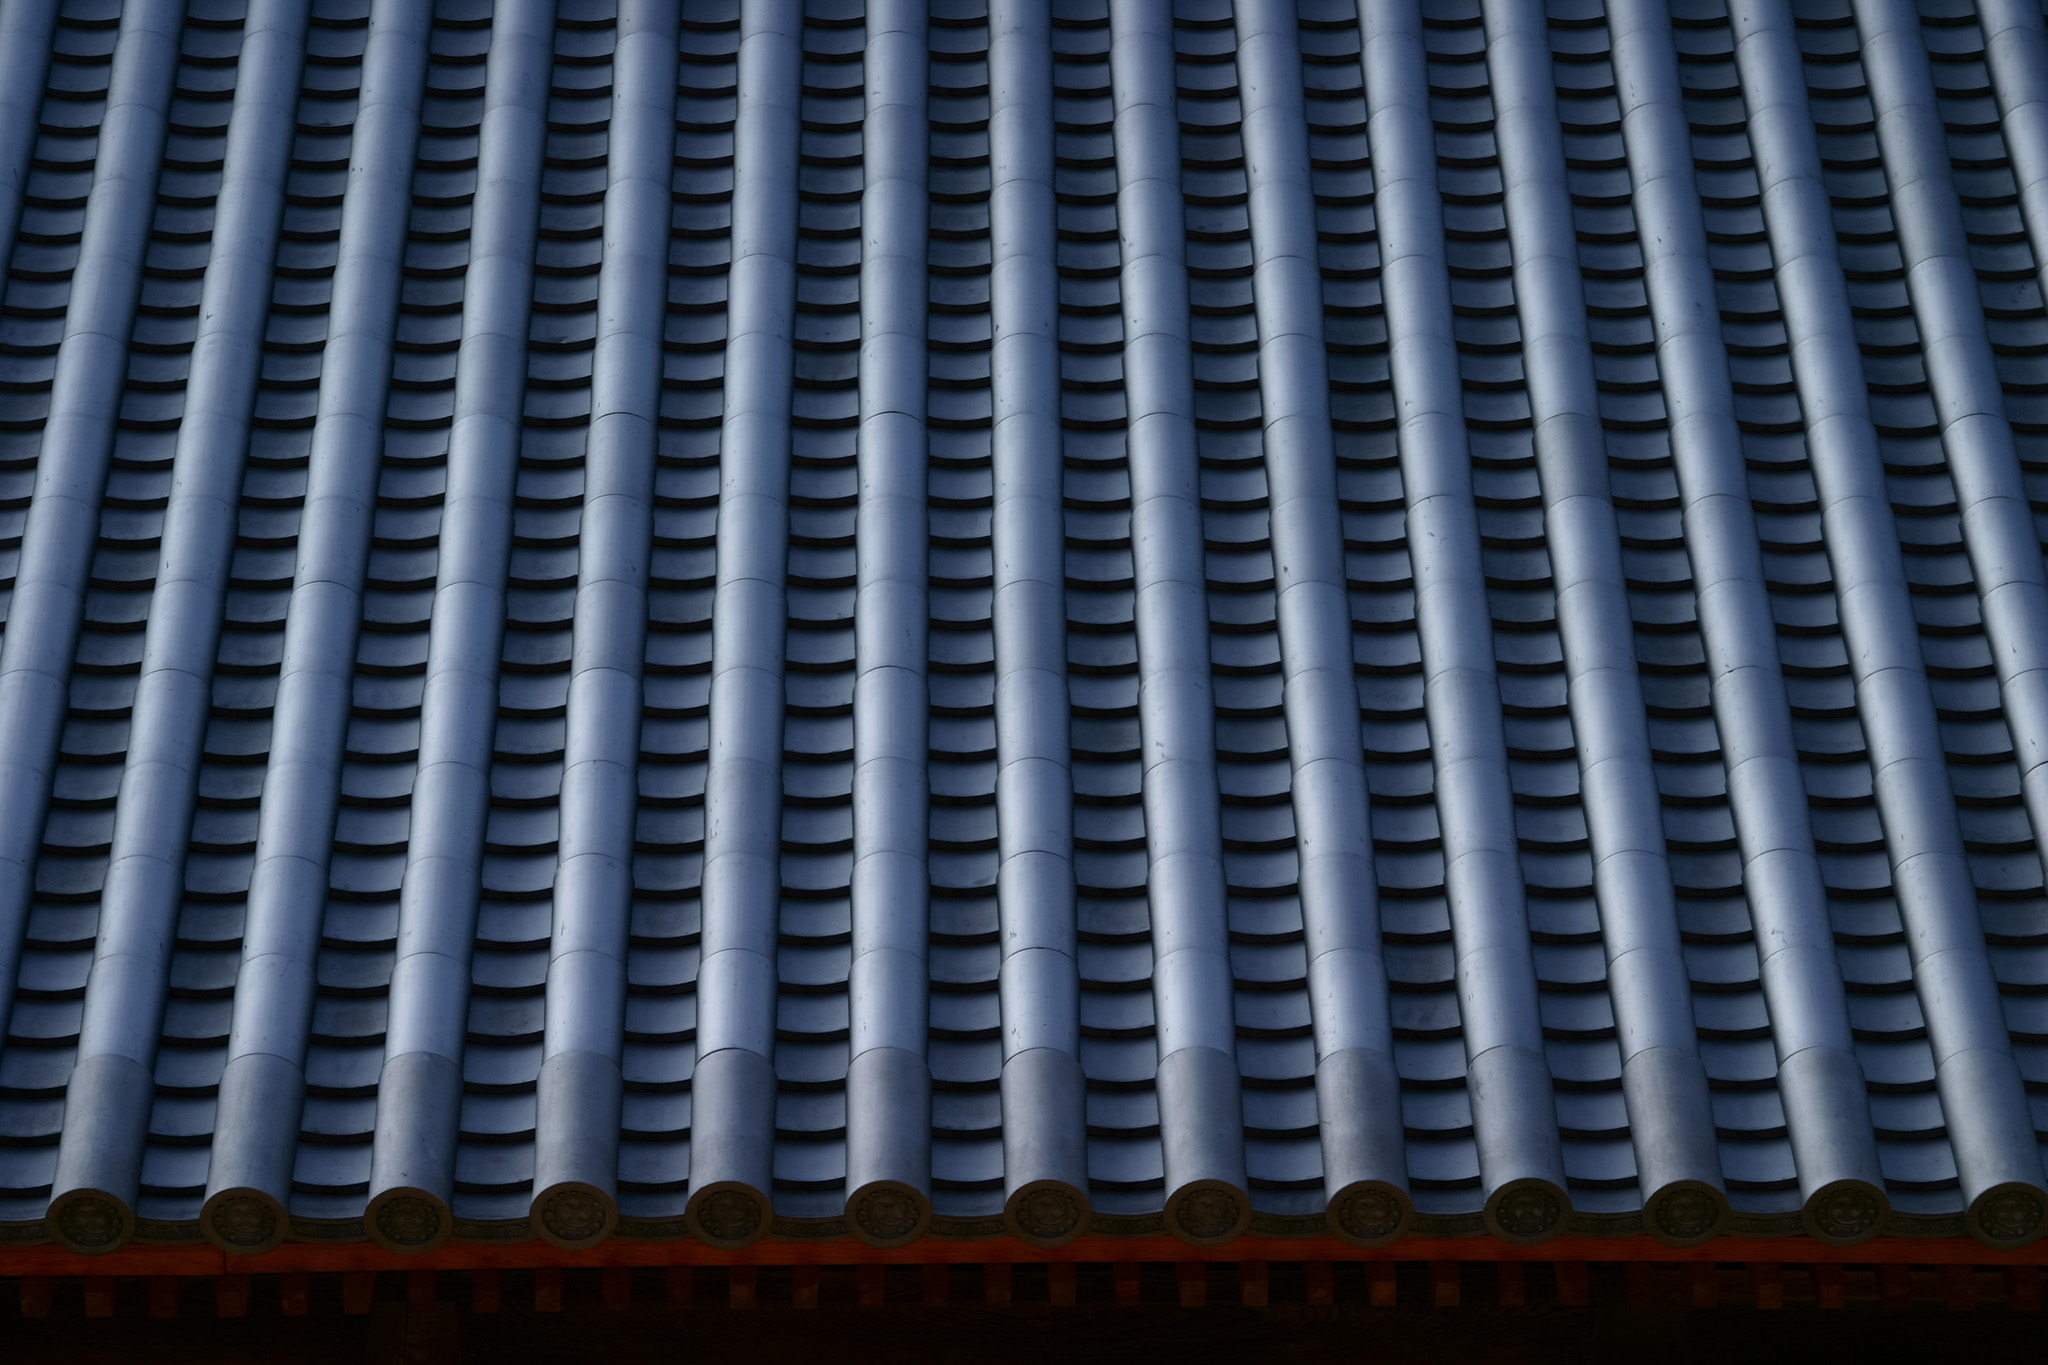 「日本建築の立派な瓦屋根」のテクスチャを無料ダウンロード